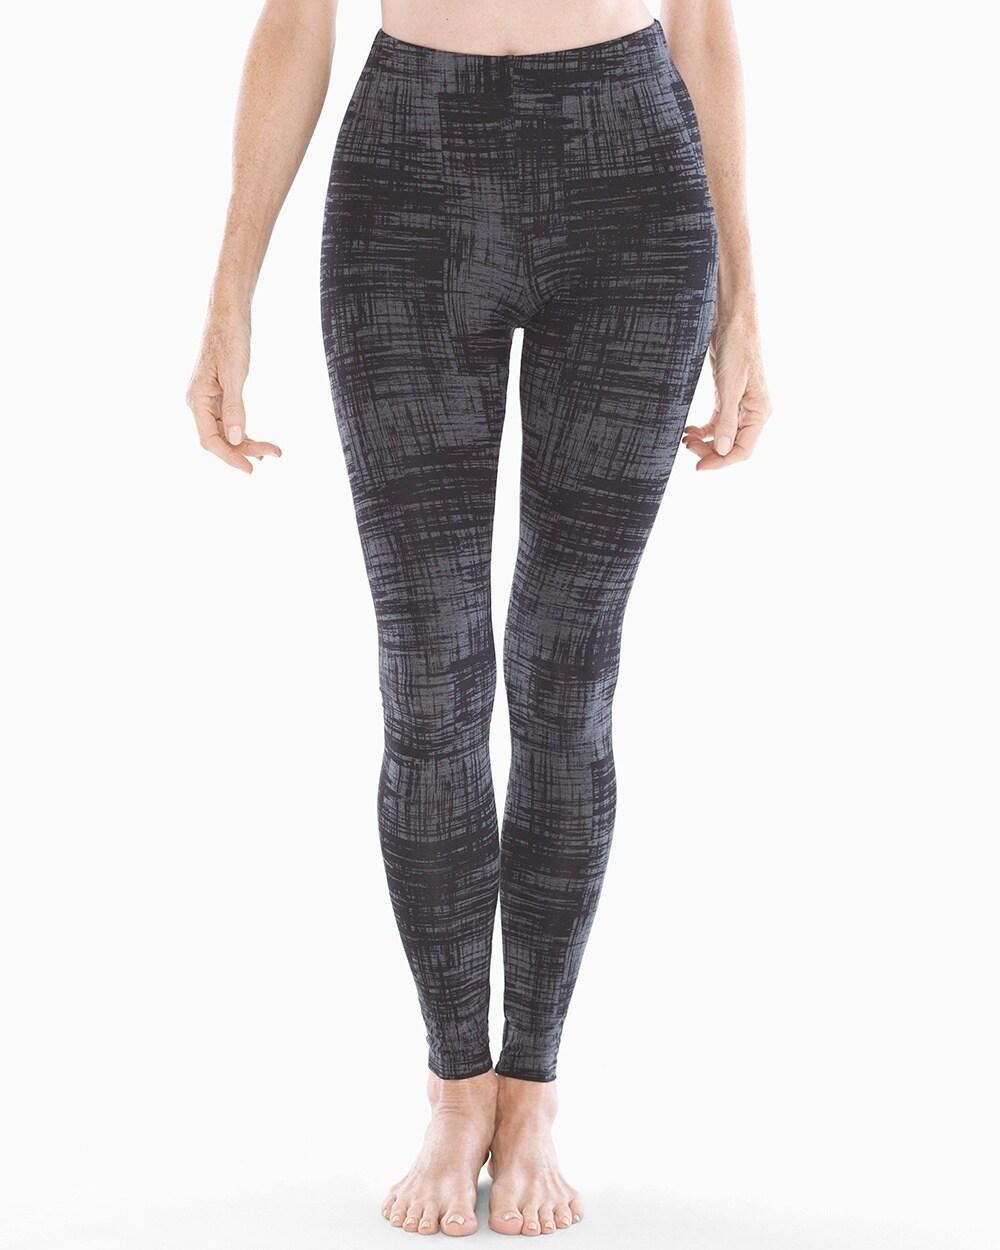 5869b42bd2ec6 Essential Leggings Abstract Plaid Heather Quartz - Soma